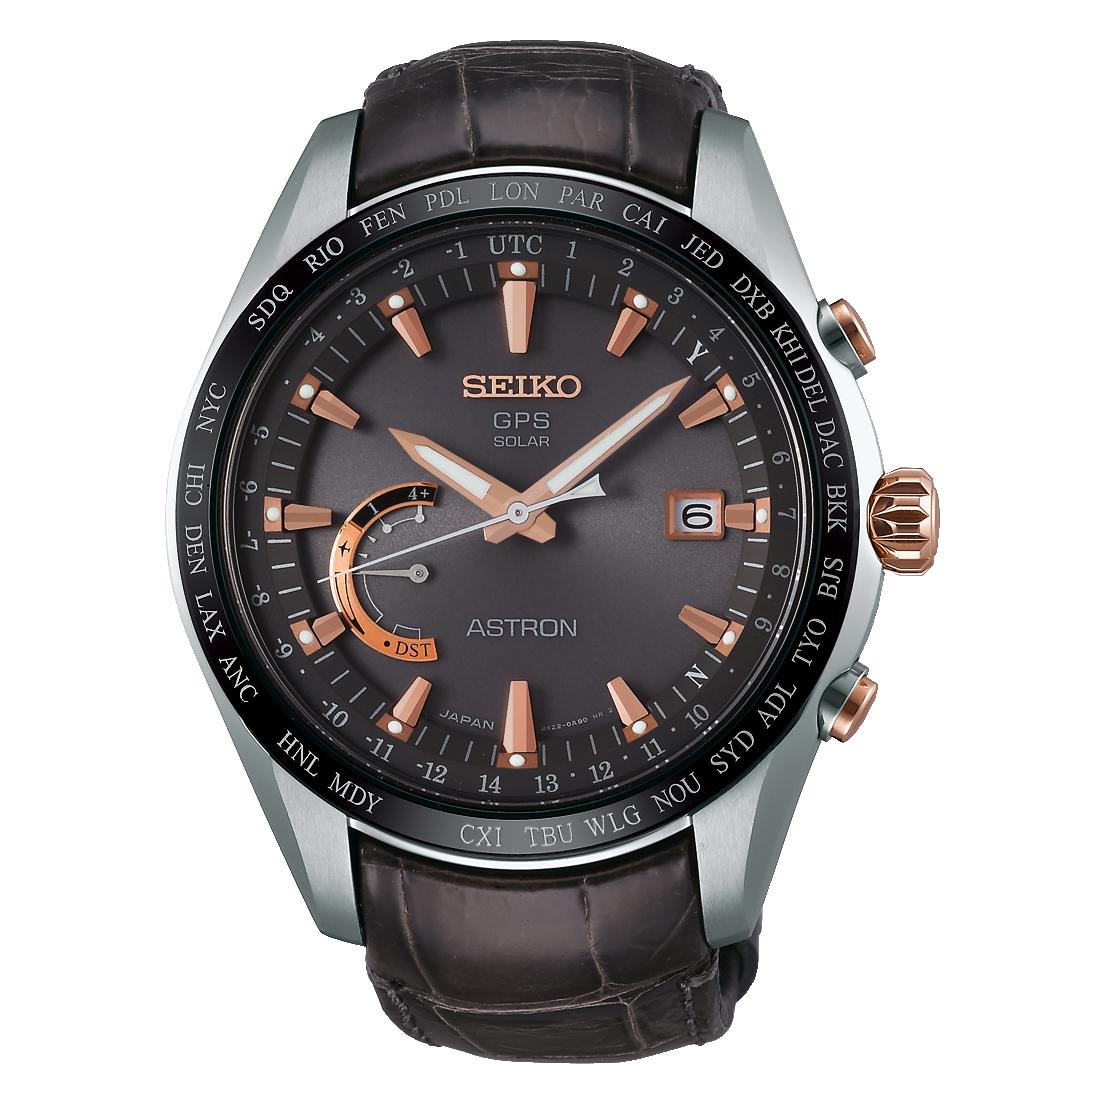 SEIKO ASTRON/セイコー アストロン SBXB095 8X Series World-Time ワールドタイム 8X22 Titanium Models チタニウムモデル